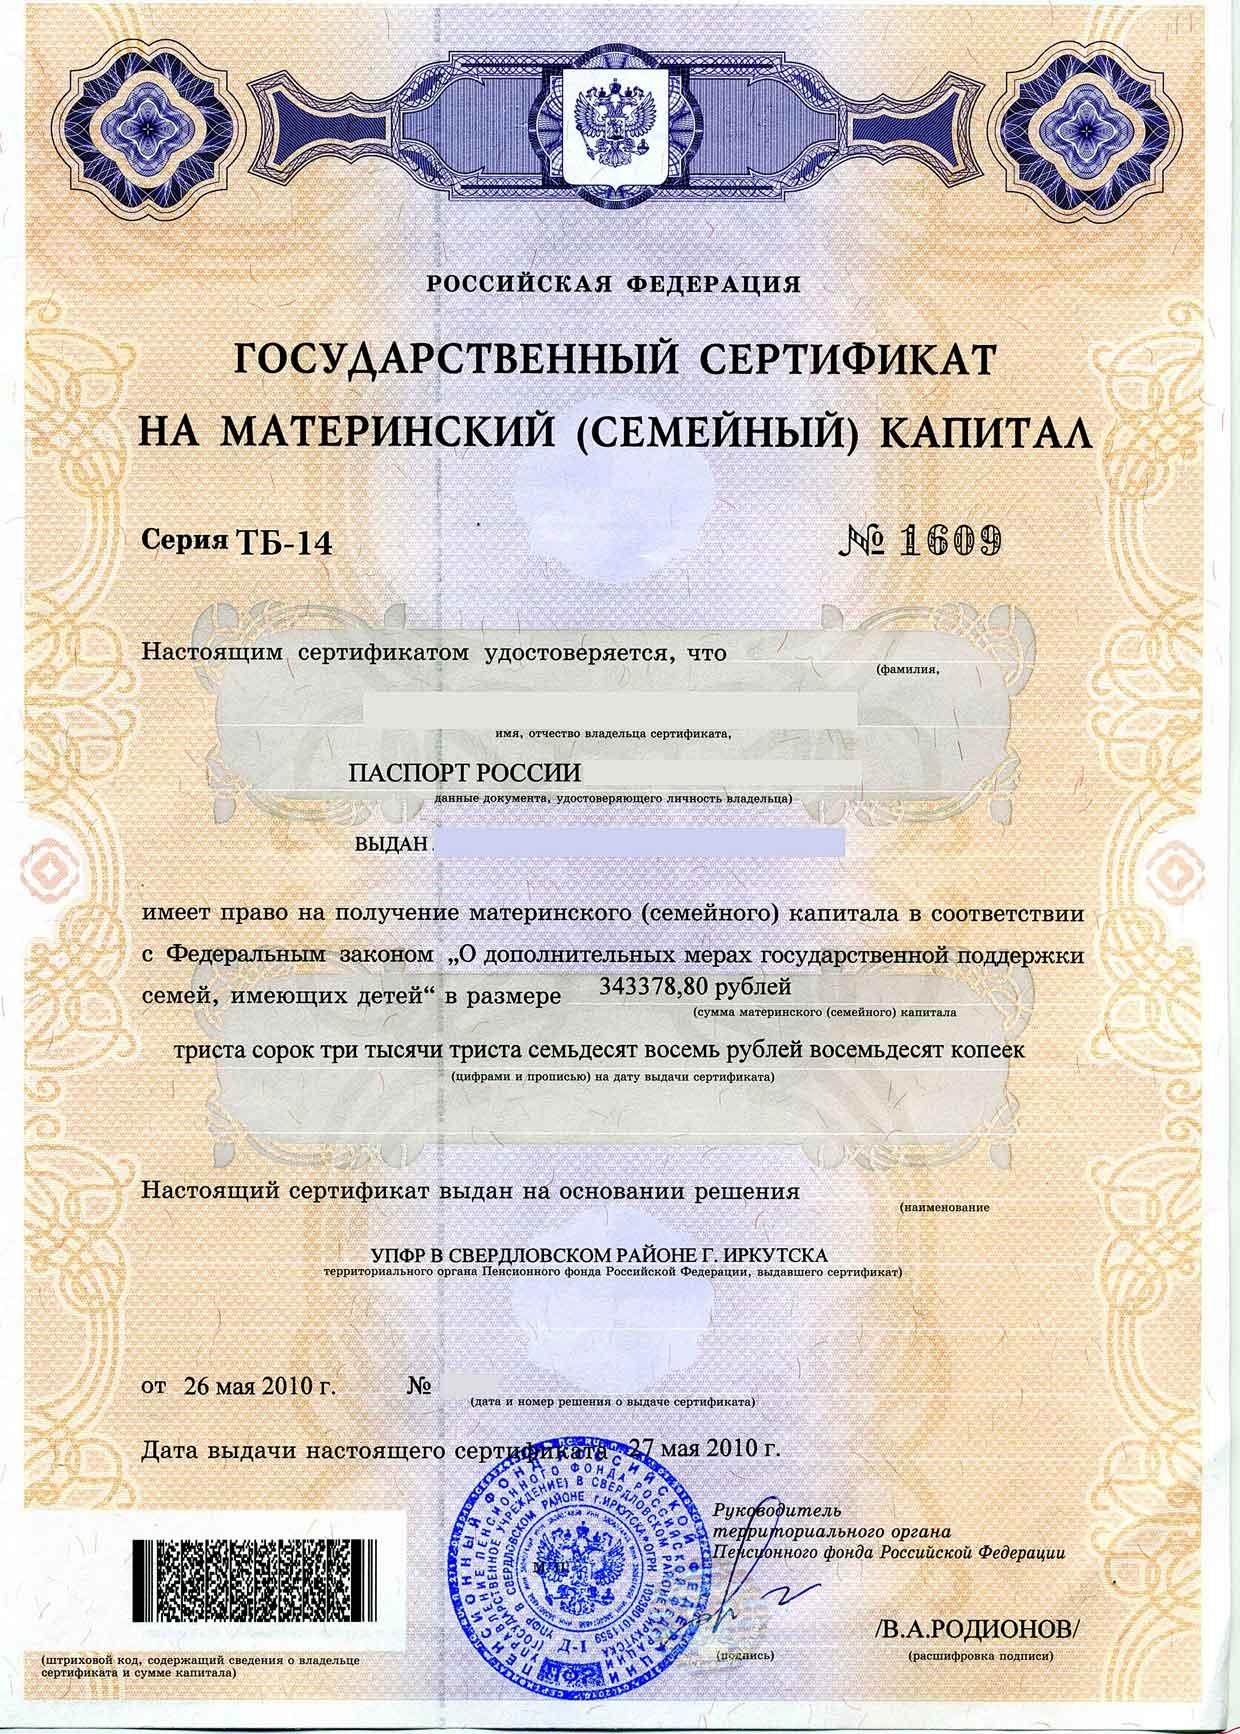 20000 Рублей из материнского капитала в 2015 году свежие новости